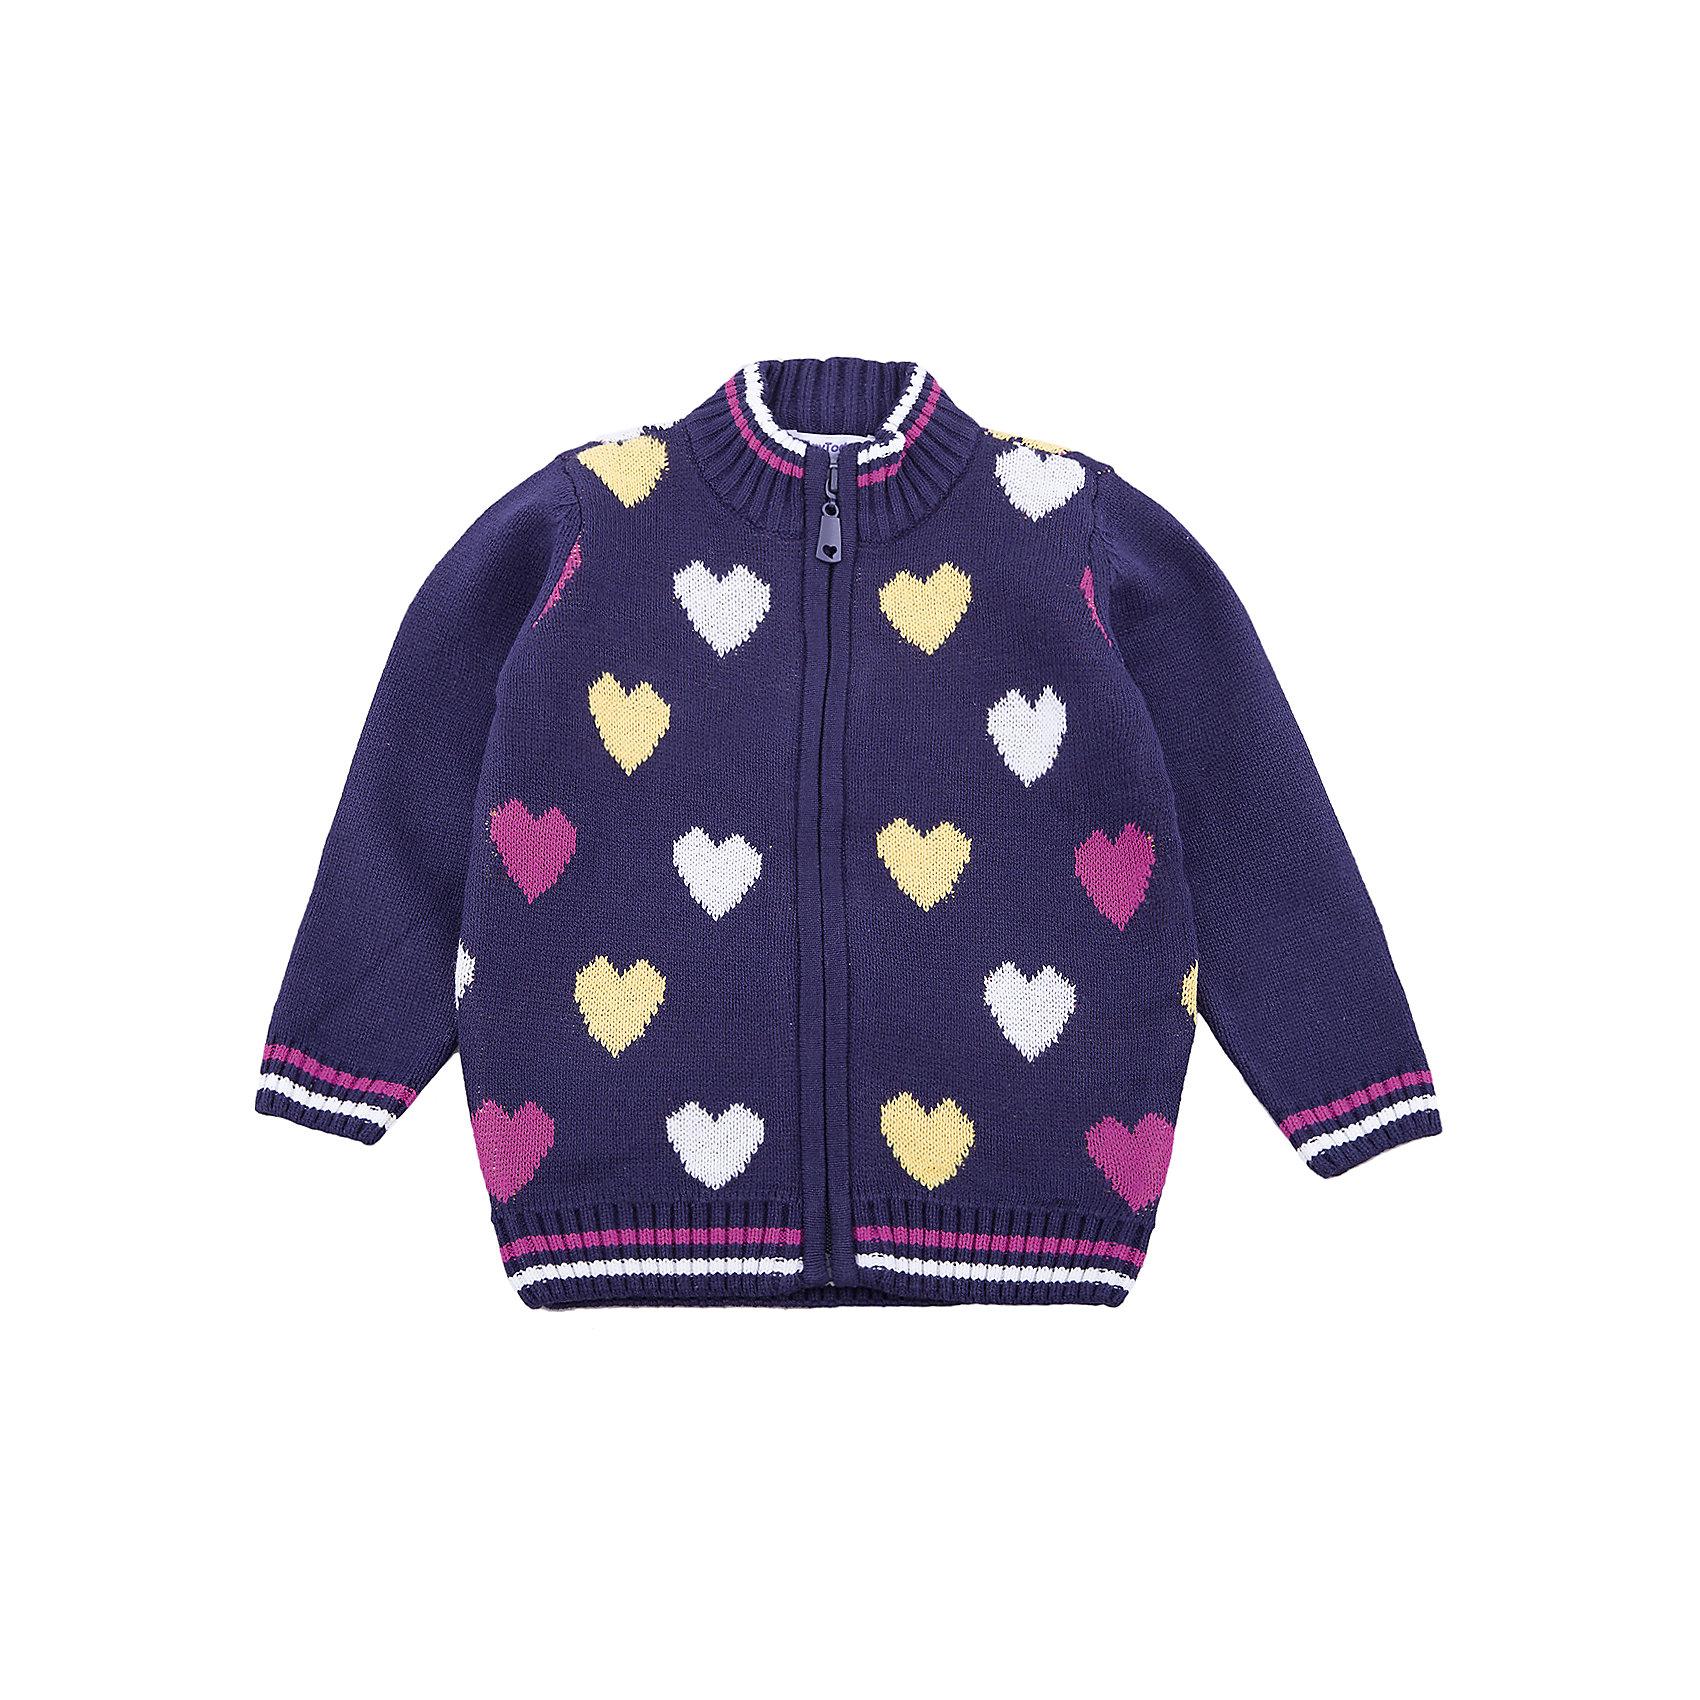 Кардиган PlayToday для девочкиСвитера и кардиганы<br>Кардиган PlayToday для девочки<br>Удобный кардиган на молнии - отличное решение для повседневного гардероба ребенка. Модель выполнена по технологии yarn dyed -  в процессе производства используются разного цвета нити. При правильном уходе изделие не линяет и надолго остается в первоначальном виде. Горловина, манжеты и низ изделия на мягких трикотажных резинках. Свободный крой не сковывает движений ребенка.<br>Состав:<br>60% хлопок, 40% акрил<br><br>Ширина мм: 190<br>Глубина мм: 74<br>Высота мм: 229<br>Вес г: 236<br>Цвет: белый<br>Возраст от месяцев: 84<br>Возраст до месяцев: 96<br>Пол: Женский<br>Возраст: Детский<br>Размер: 128,98,104,110,116,122<br>SKU: 7115832